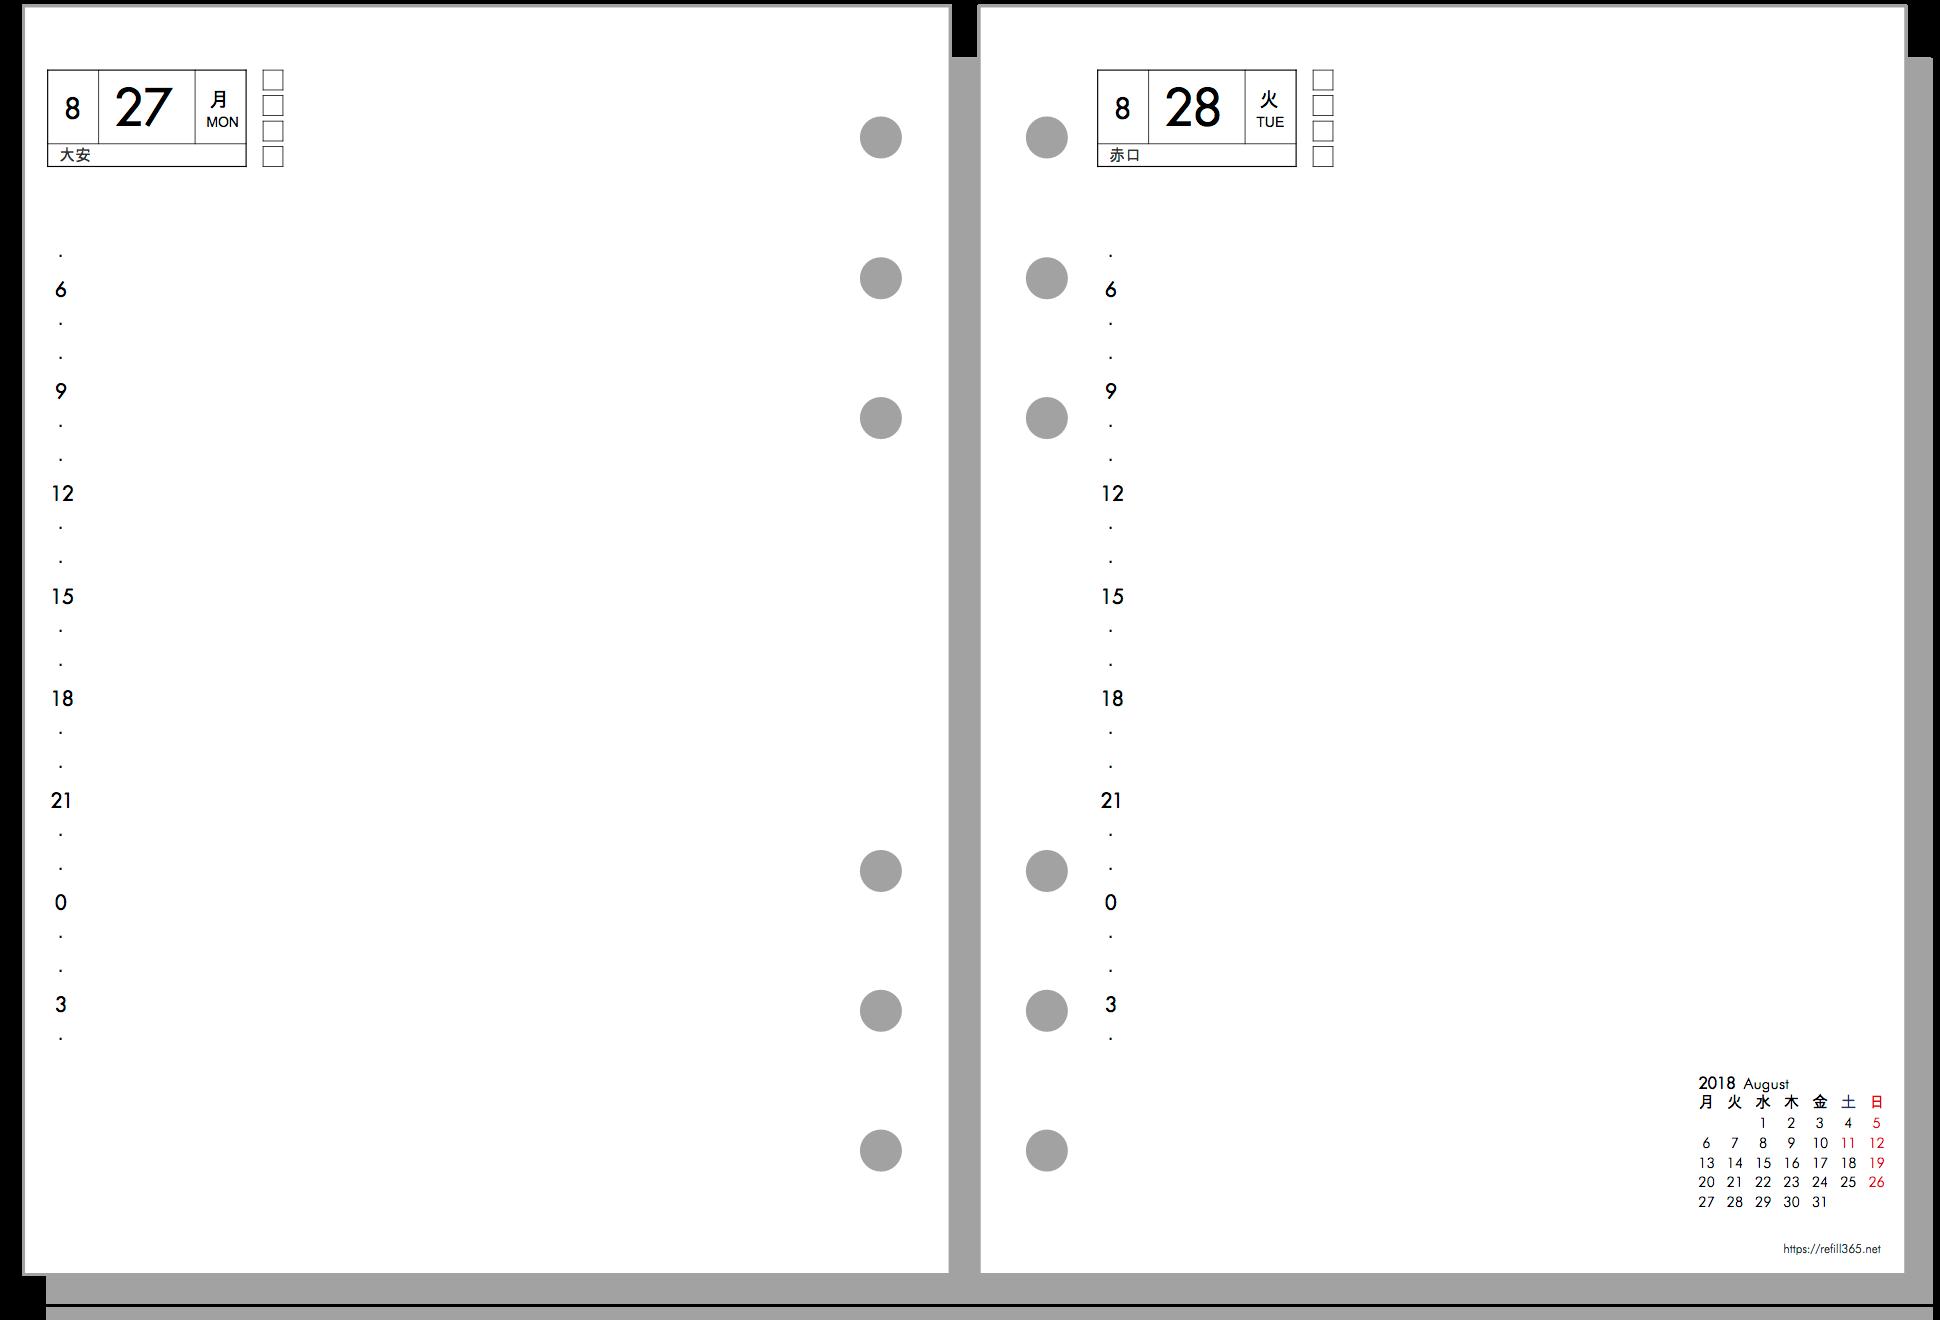 2018年 デイリー A5サイズ